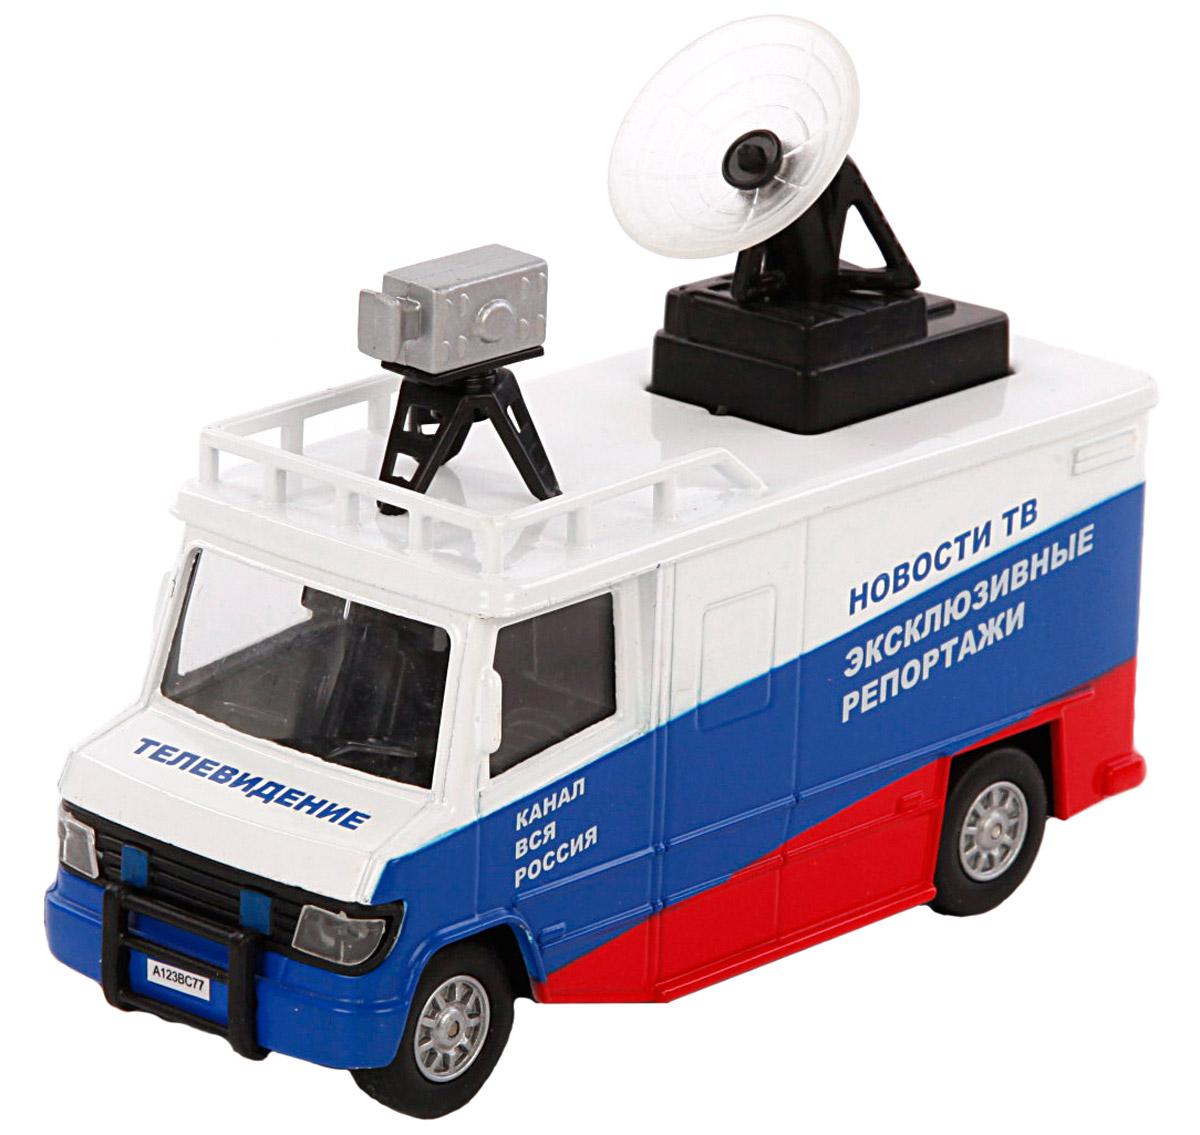 Пламенный мотор Машинка Телевидение Новости Эксклюзивные репортажи машинки пламенный мотор машина мет ин 1 32 дорожные работы откр двери свет звук